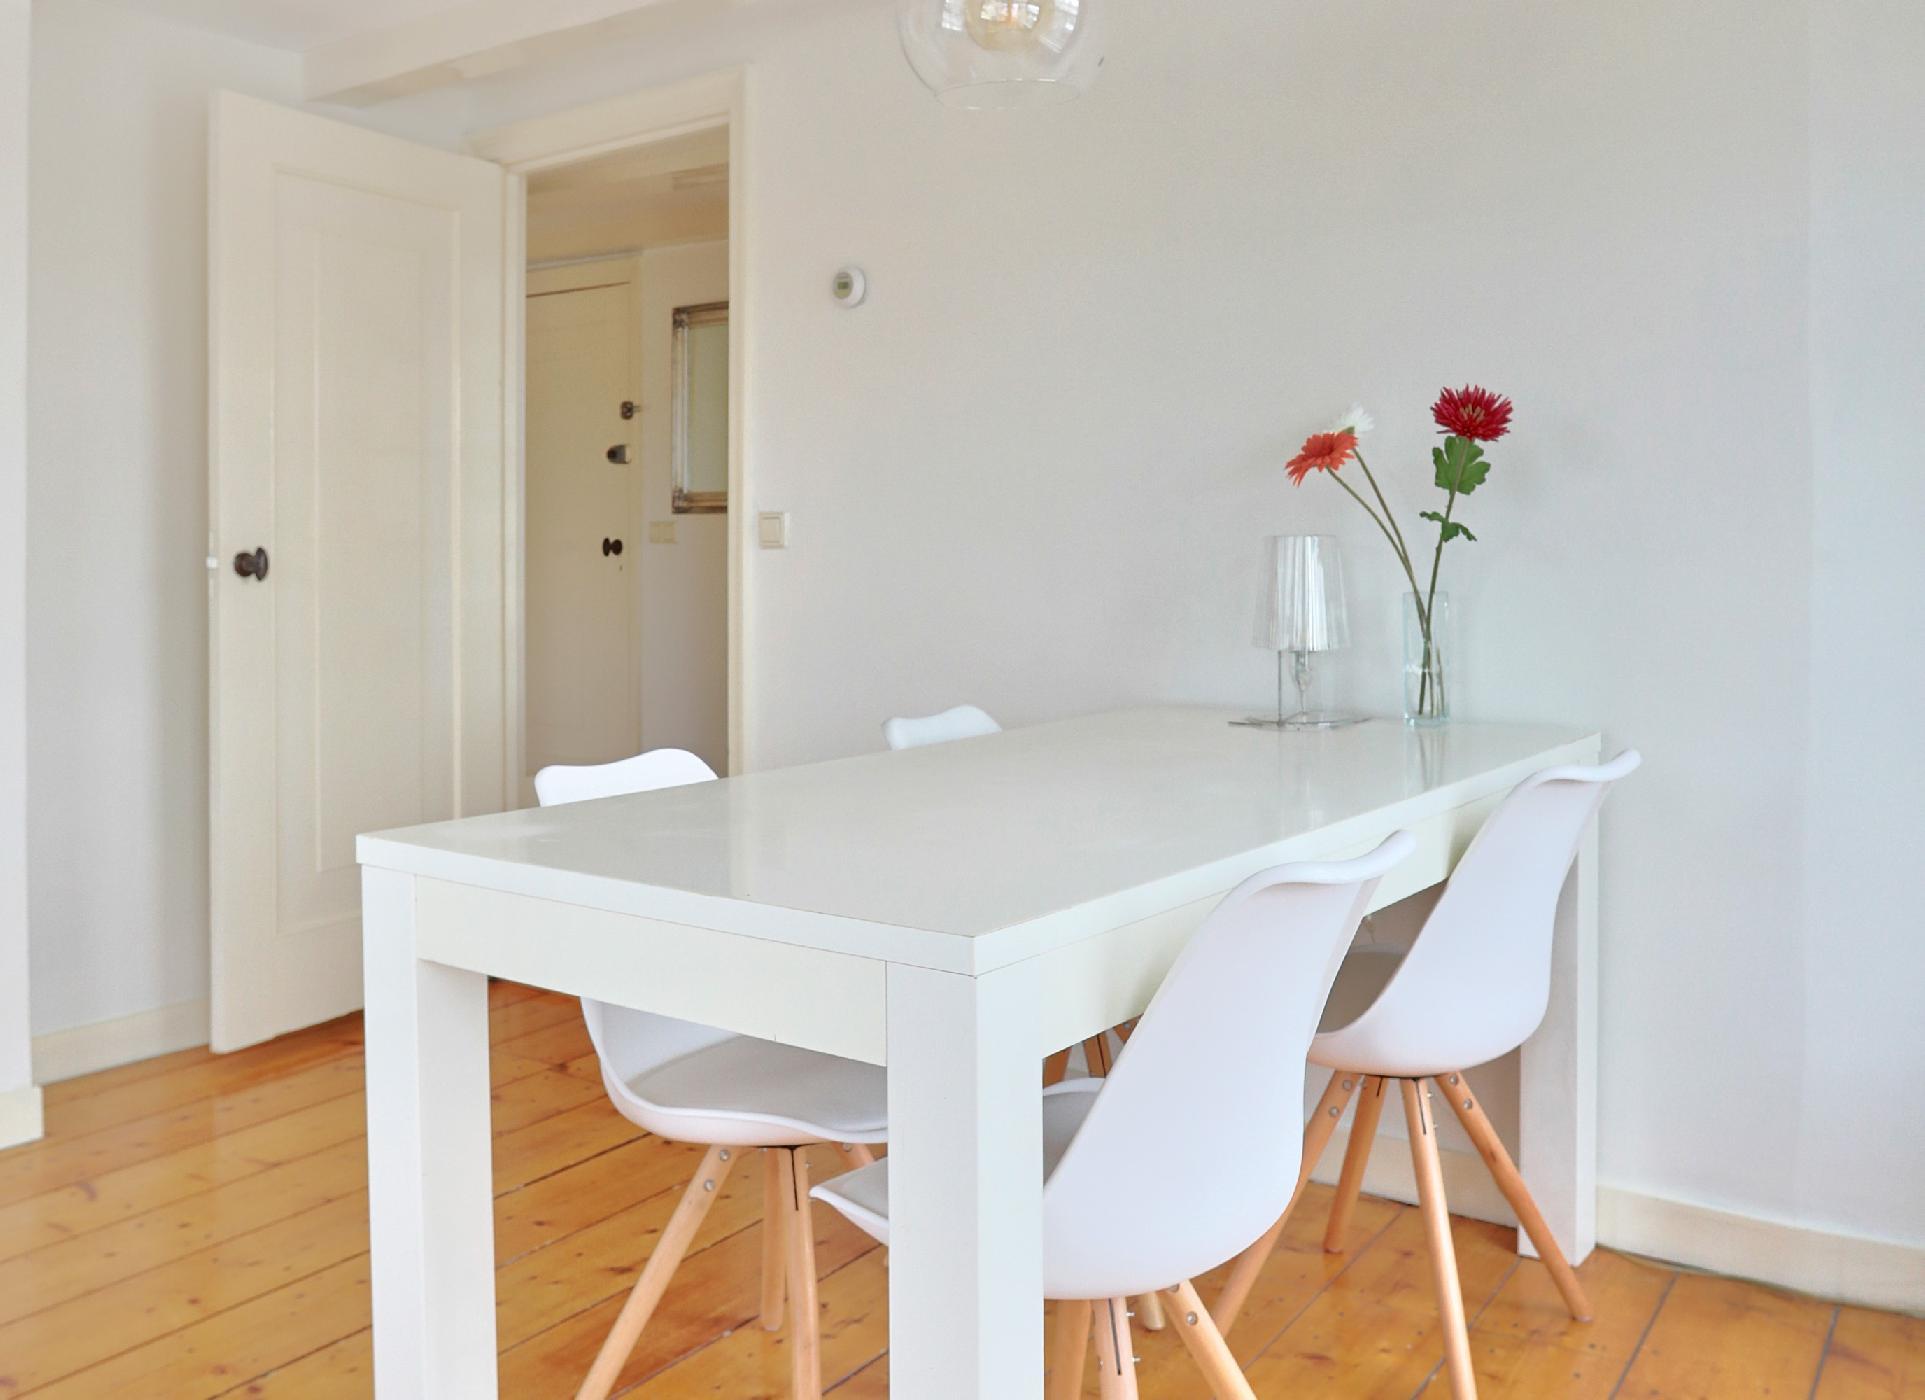 Marineview apartment Amsterdam photo 31816790